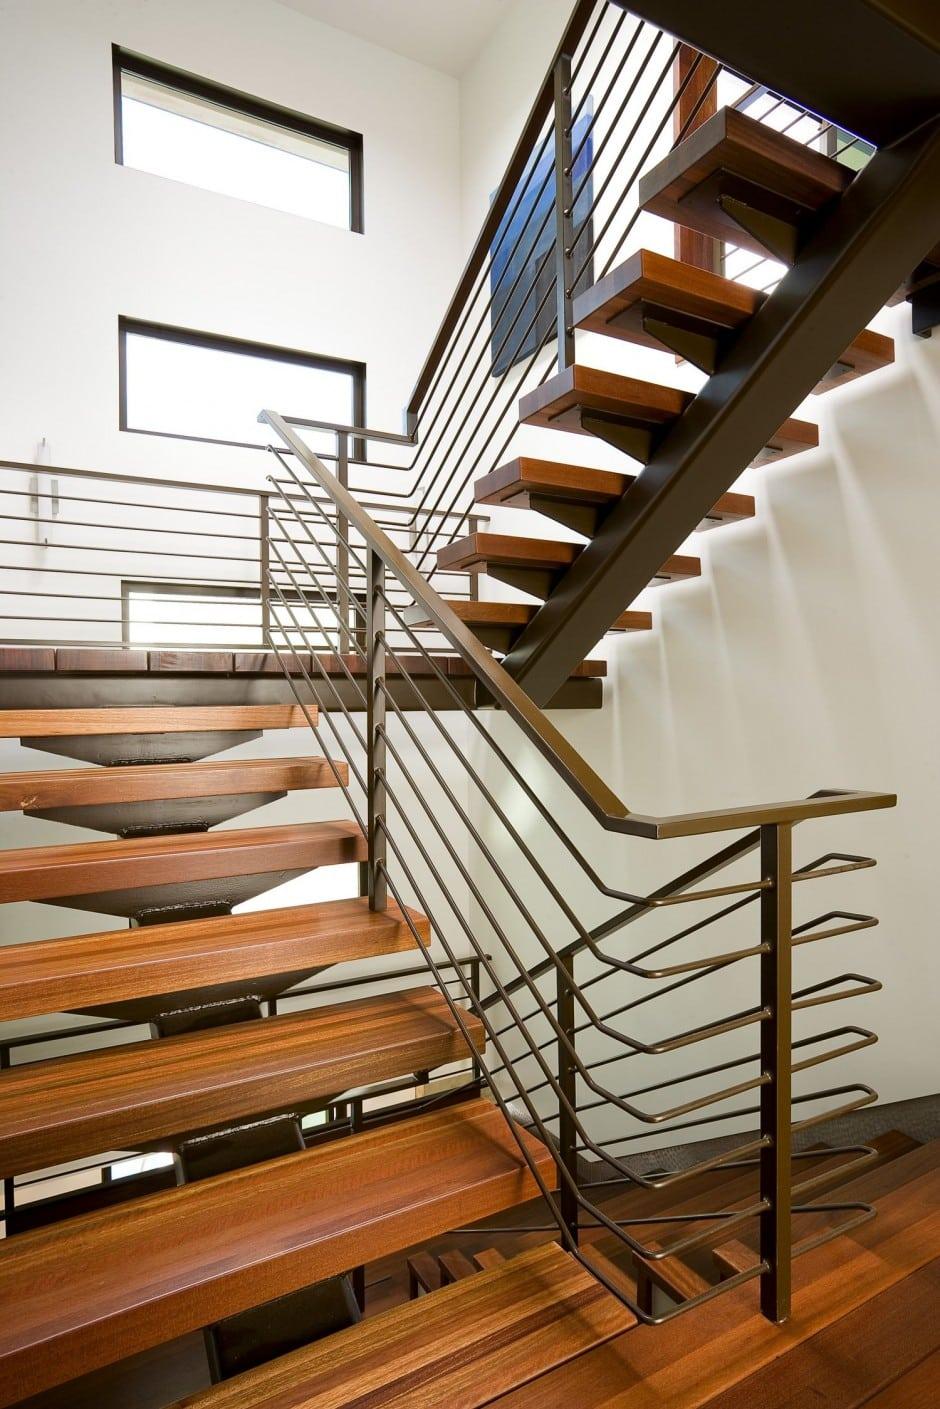 Escada com degrau vazado. (Foto: Divulgação)